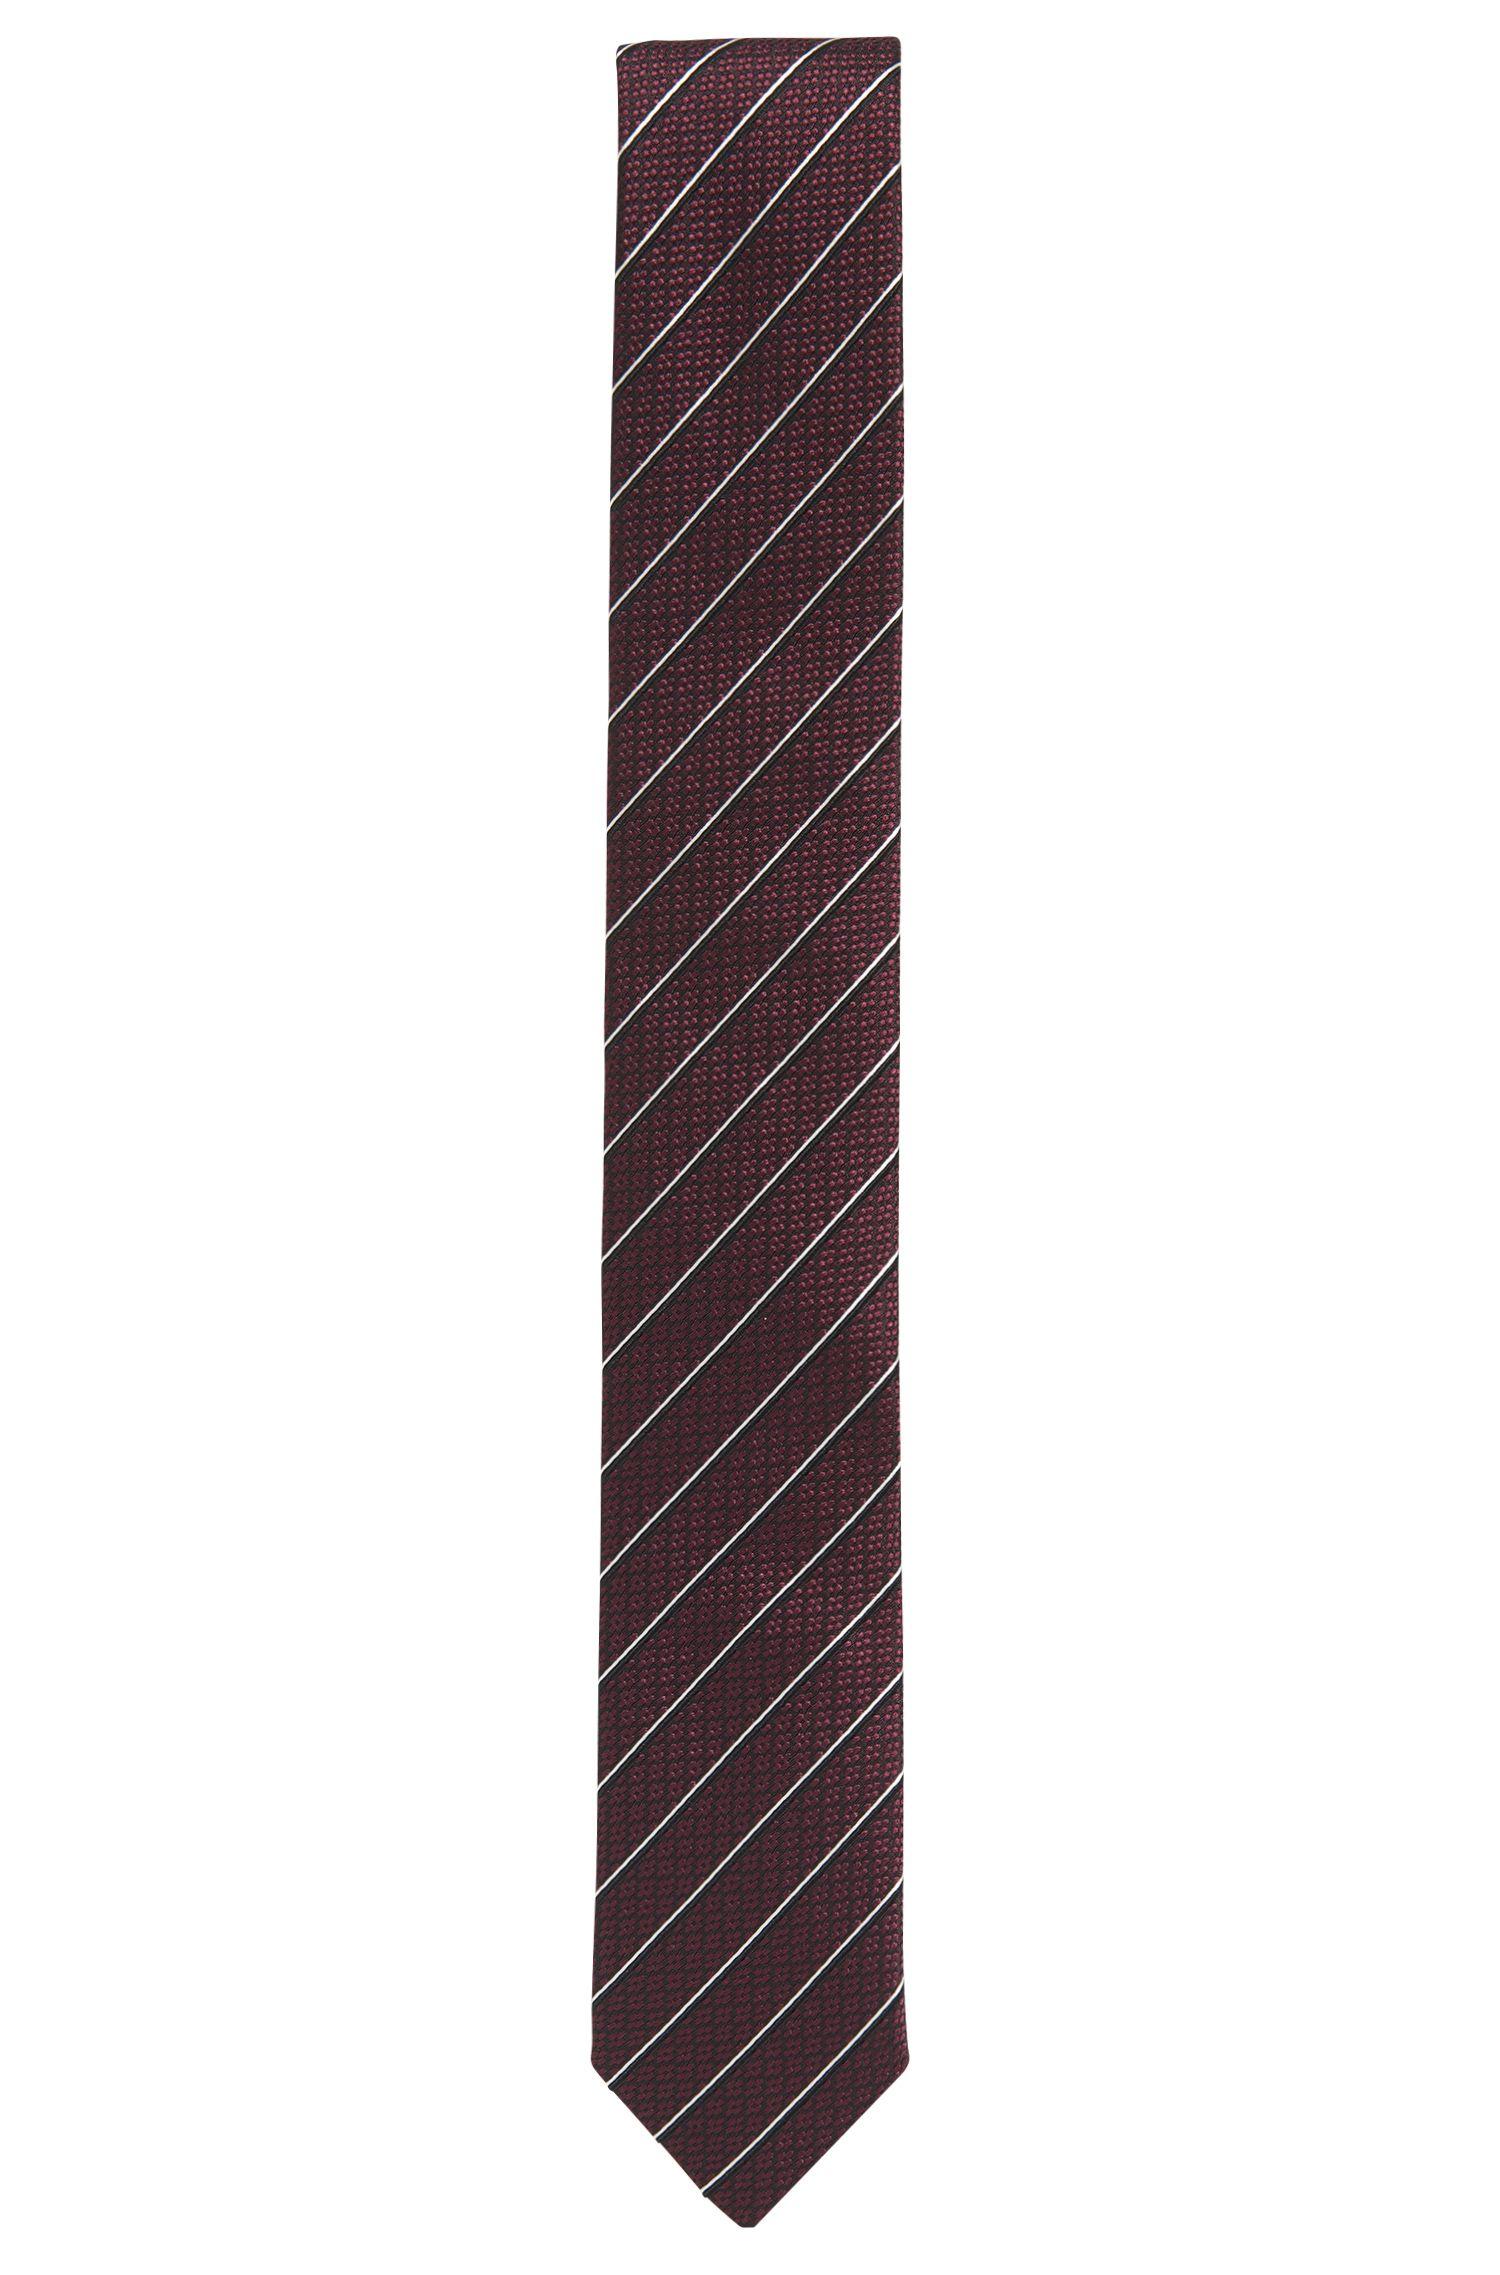 Corbata de jacquard en seda con rayas diagonales